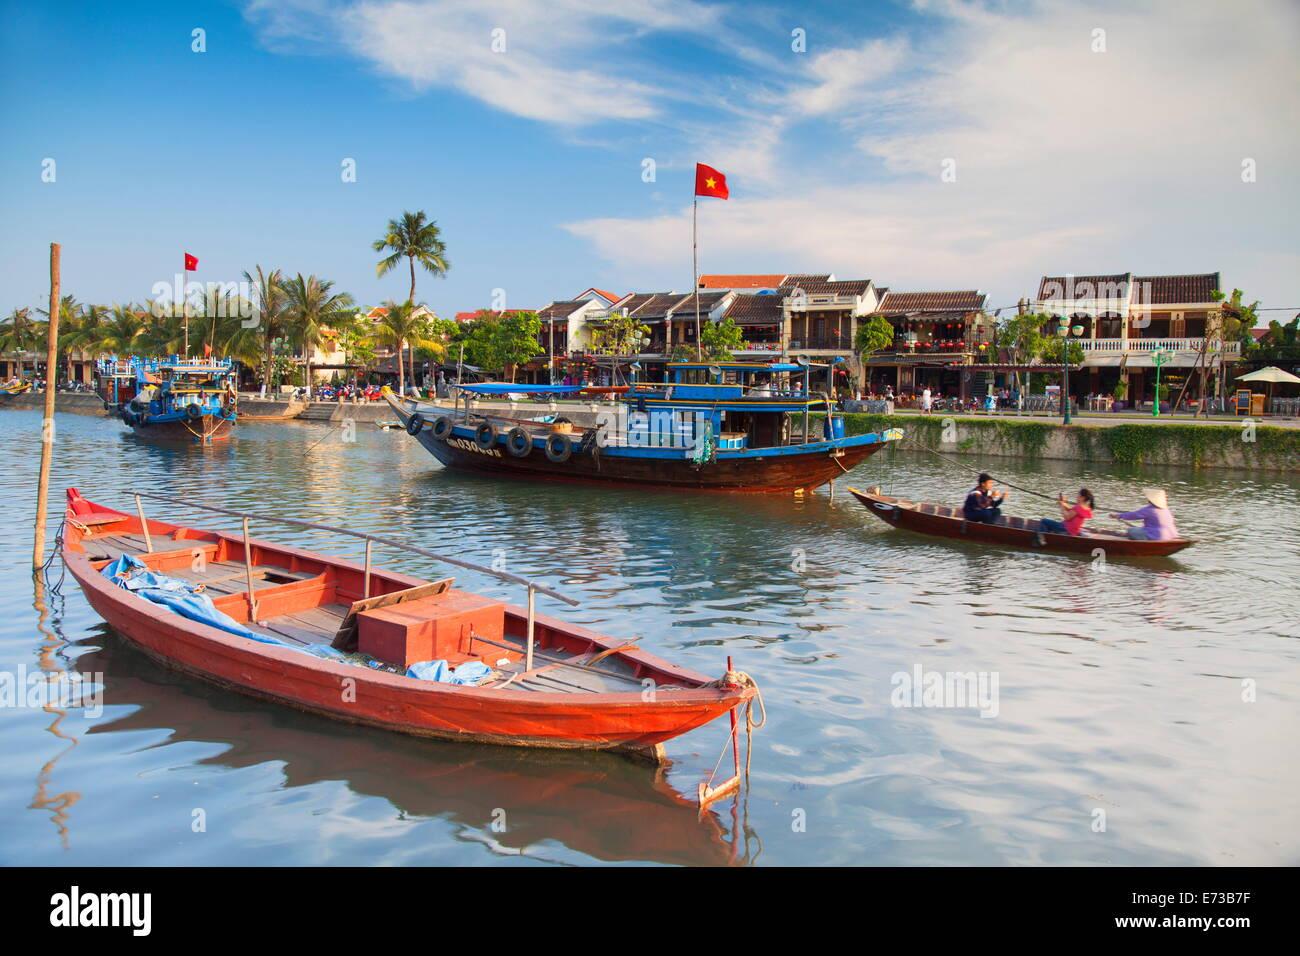 Bateaux sur la rivière Thu Bon, Hoi An, UNESCO World Heritage Site, Quang Nam, Vietnam, Indochine, Asie du Photo Stock